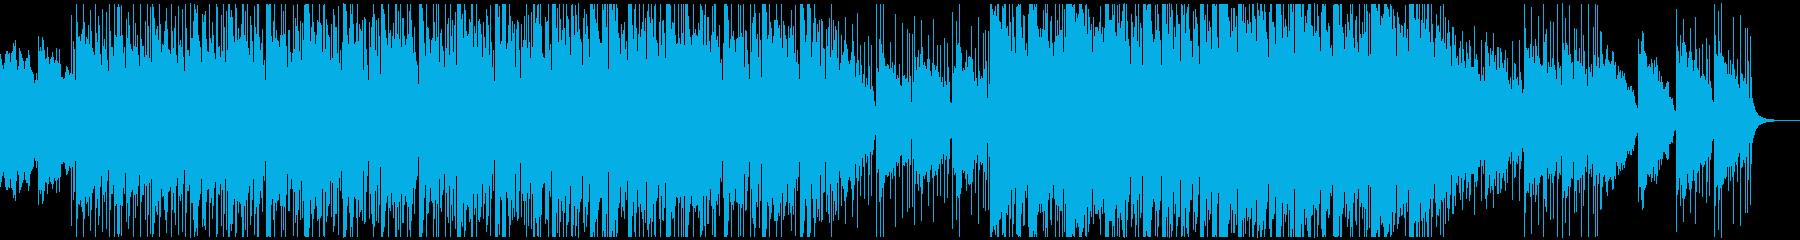 雨の朝〜ゆったりアンニュイなピアノエレピの再生済みの波形